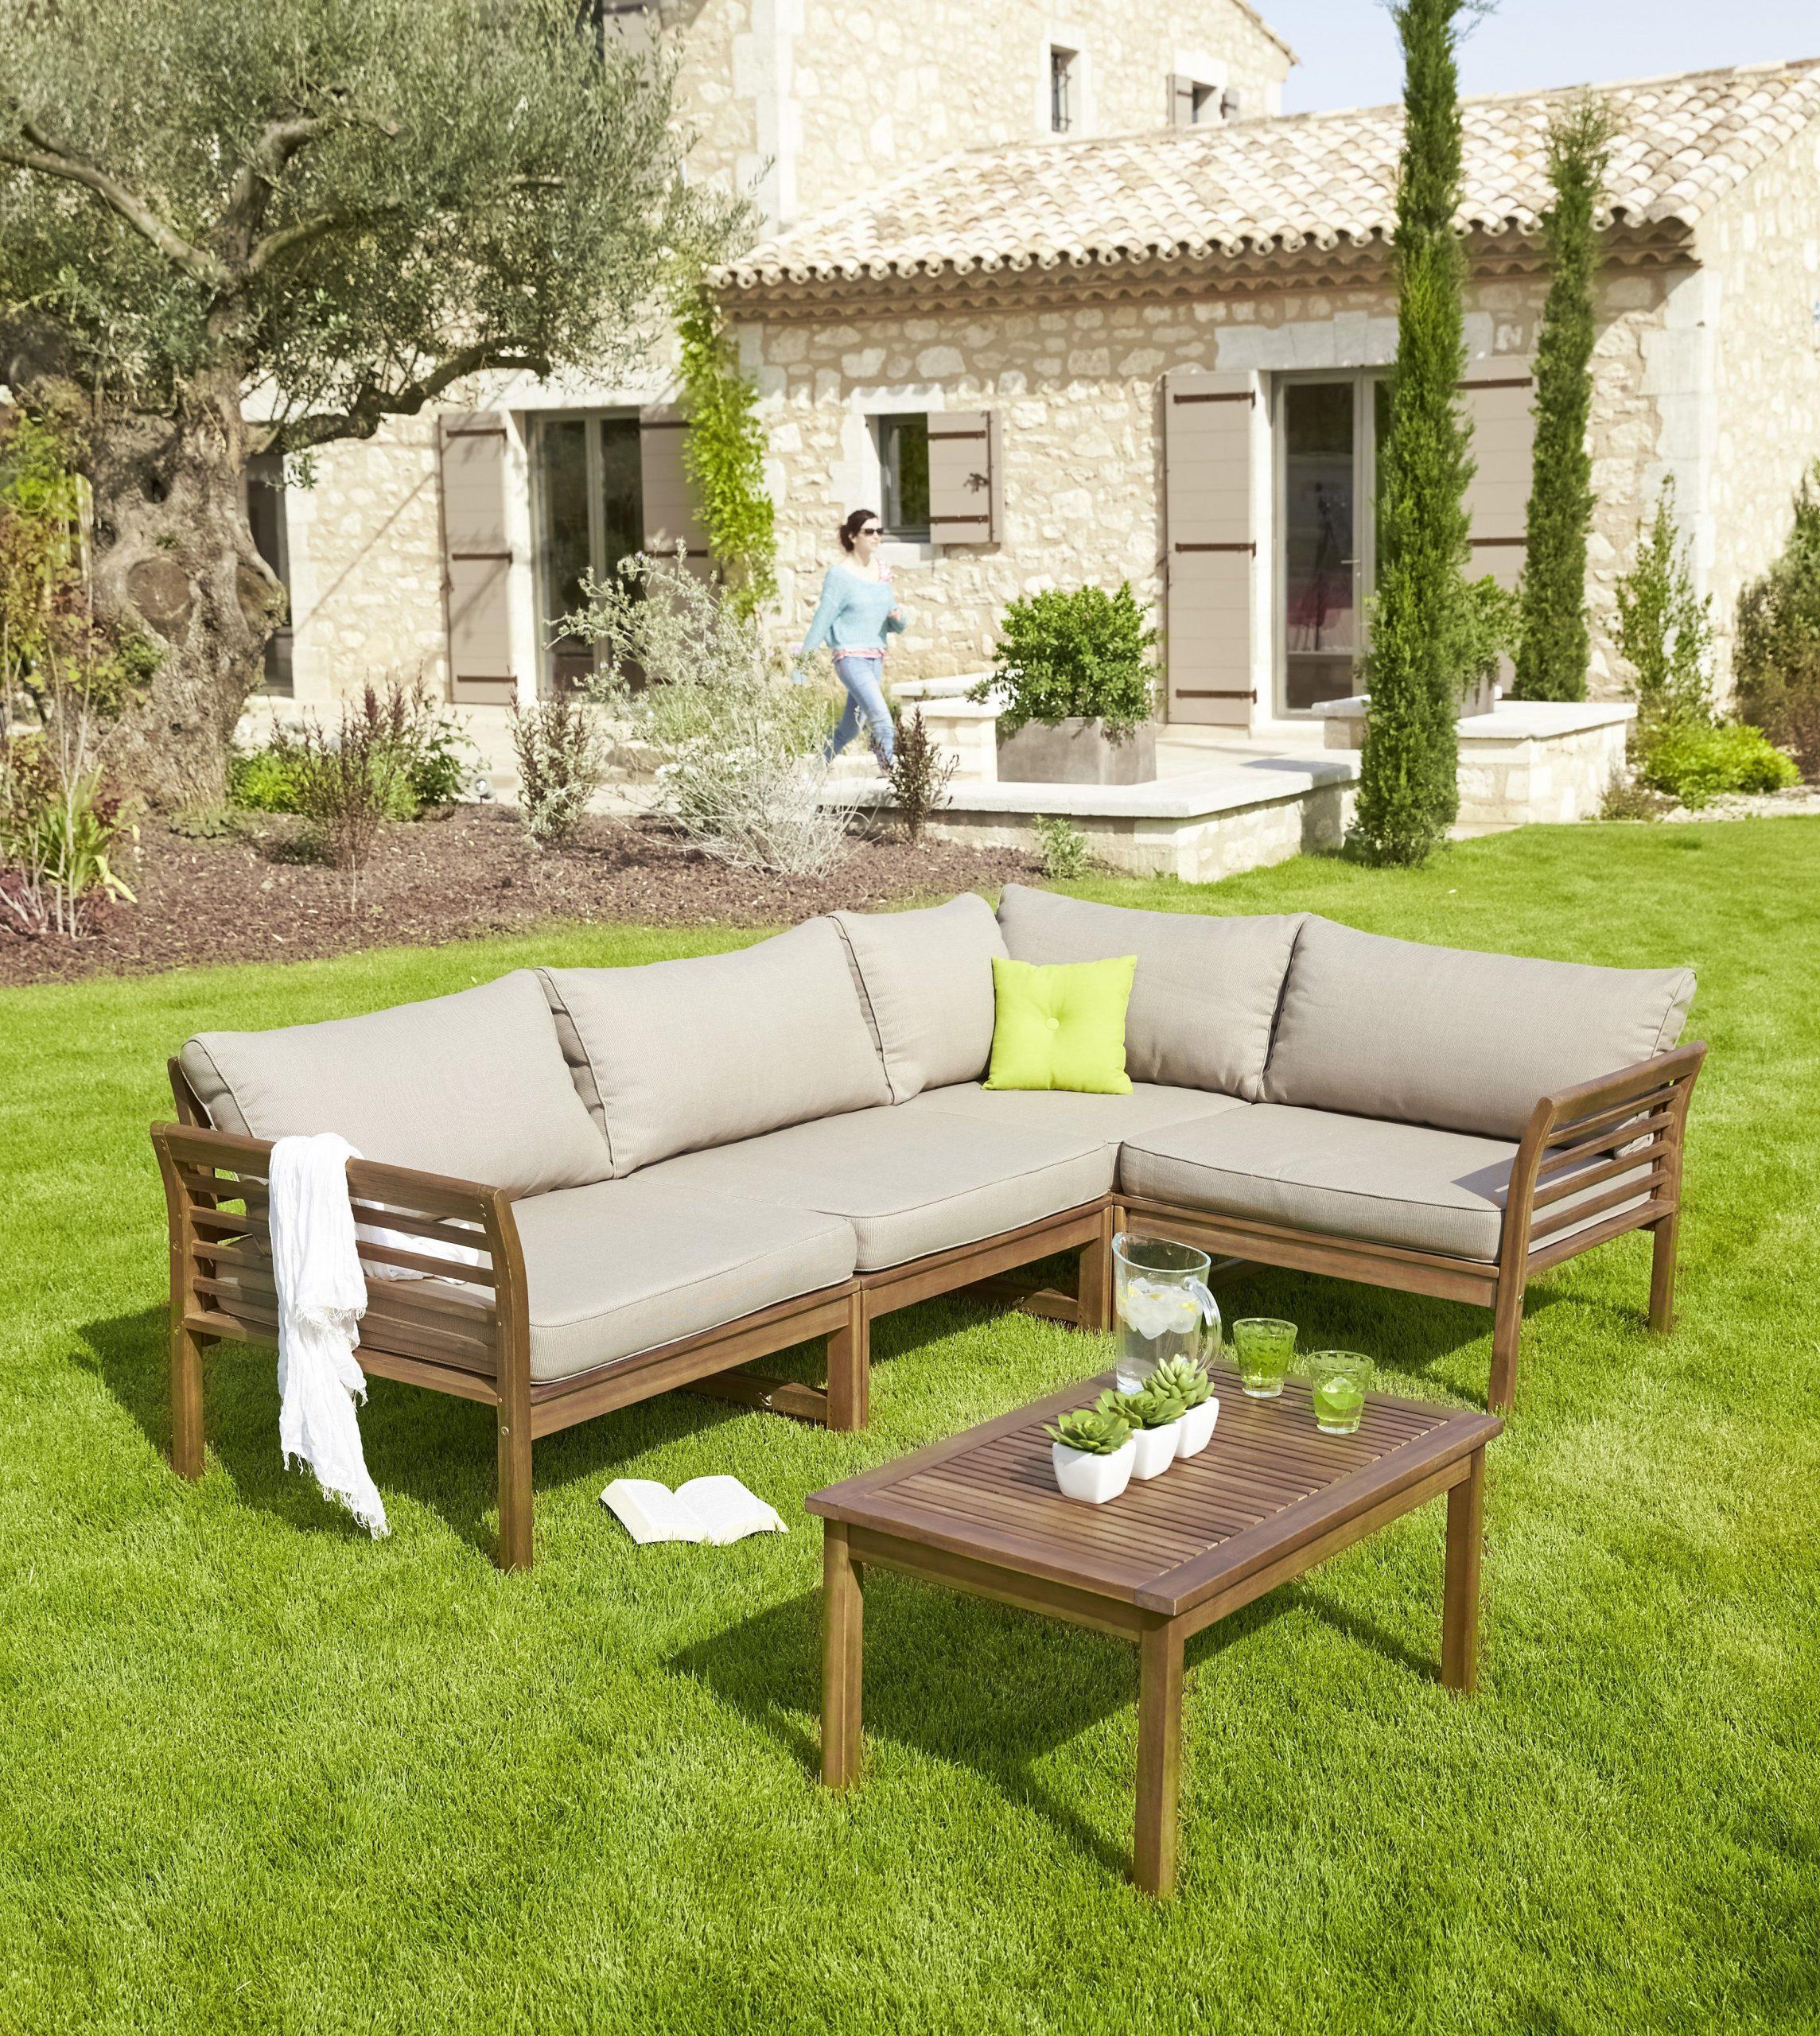 Salon D'angle D'extérieur En Bois Canapé Et Table Basse ... serapportantà Serre De Jardin Carrefour